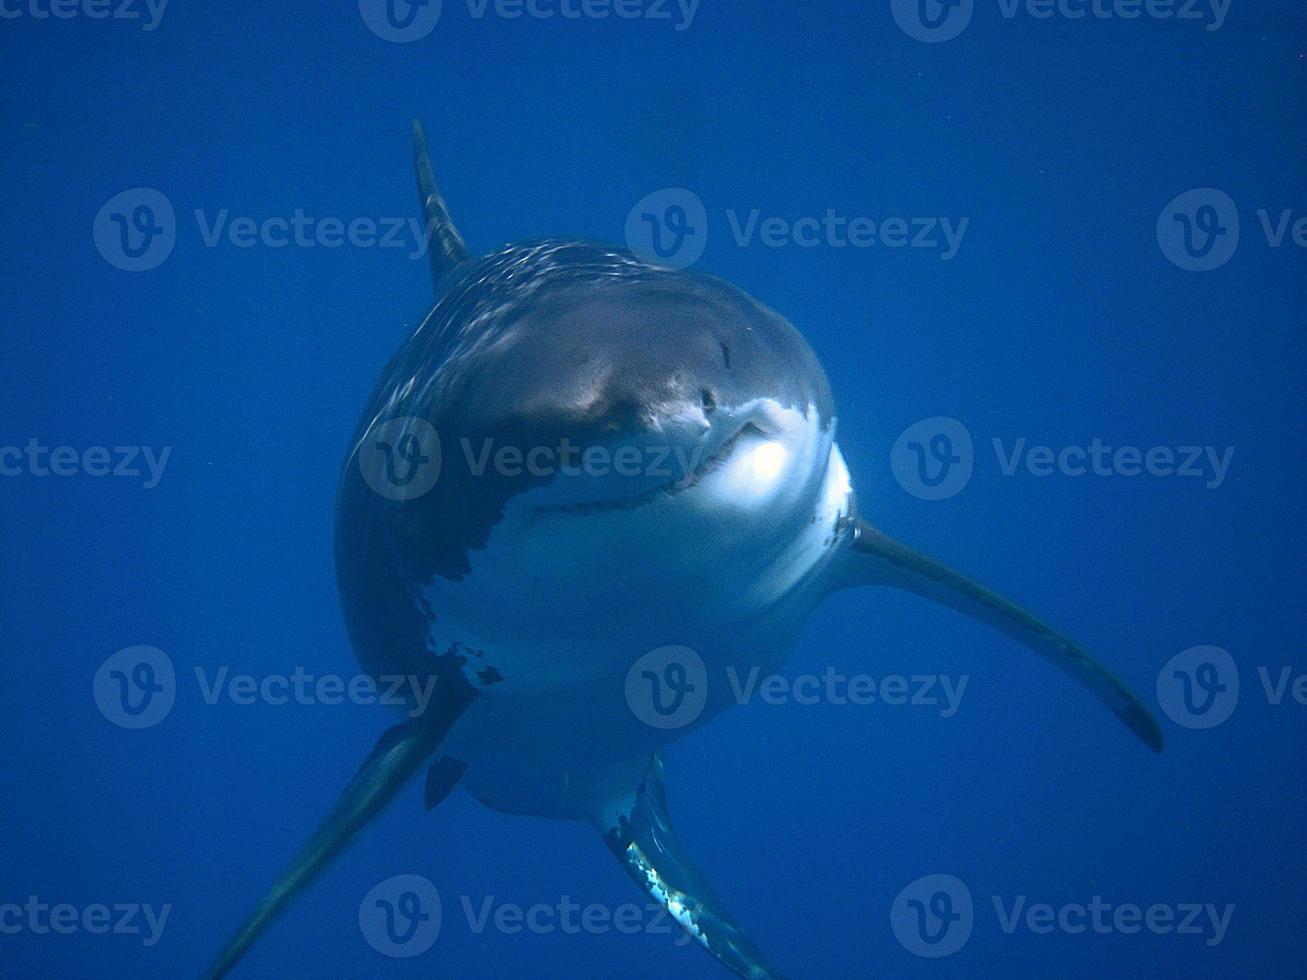 grande tubarão branco se aproximando de frente para a câmera. foto